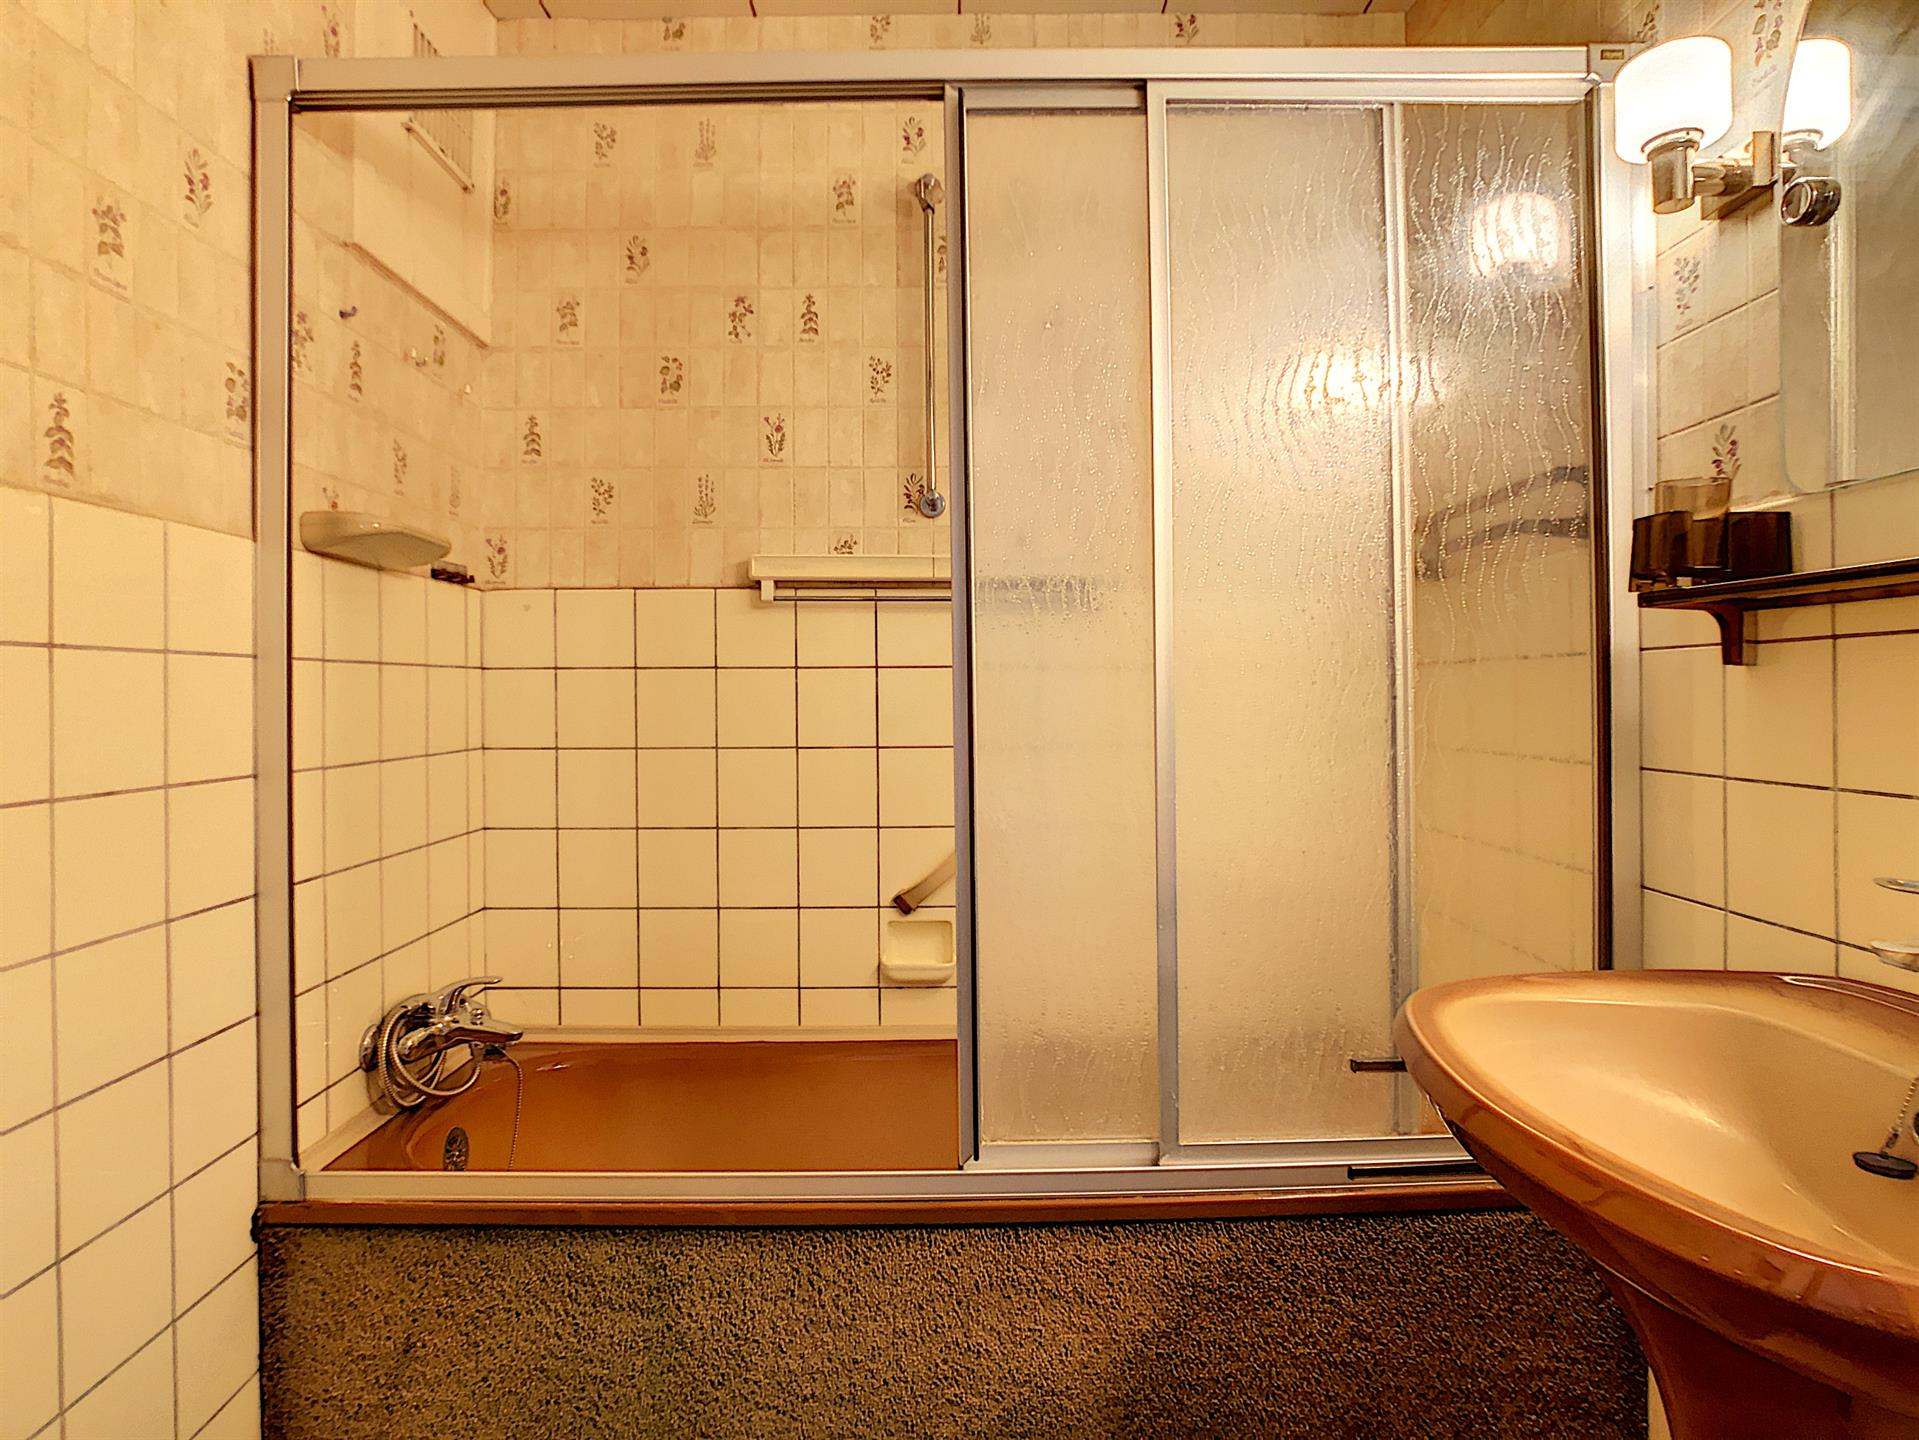 Appartement - Bruxelles - #4431455-6